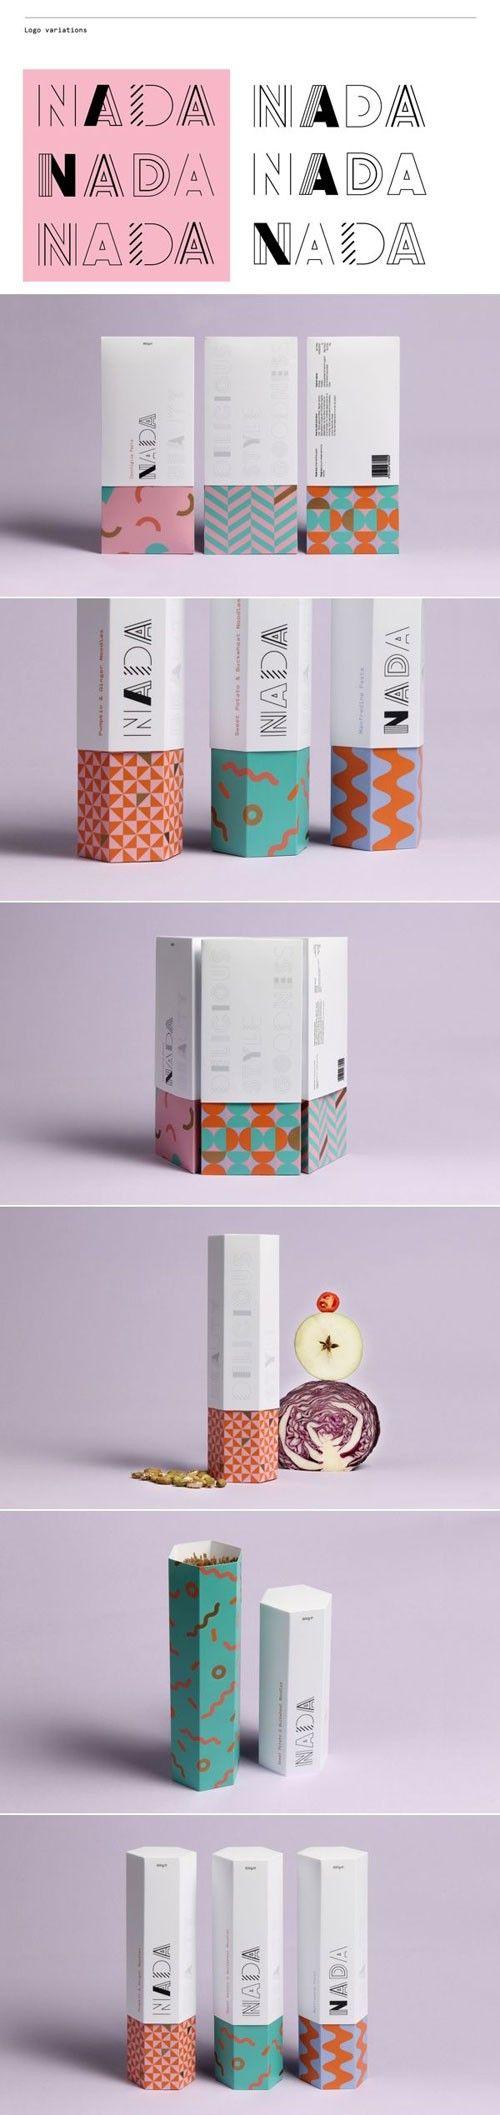 パッケージ/プロダクトデザインvol.25 参考になる優れたパッケージ/プロダクトデザインをご紹介